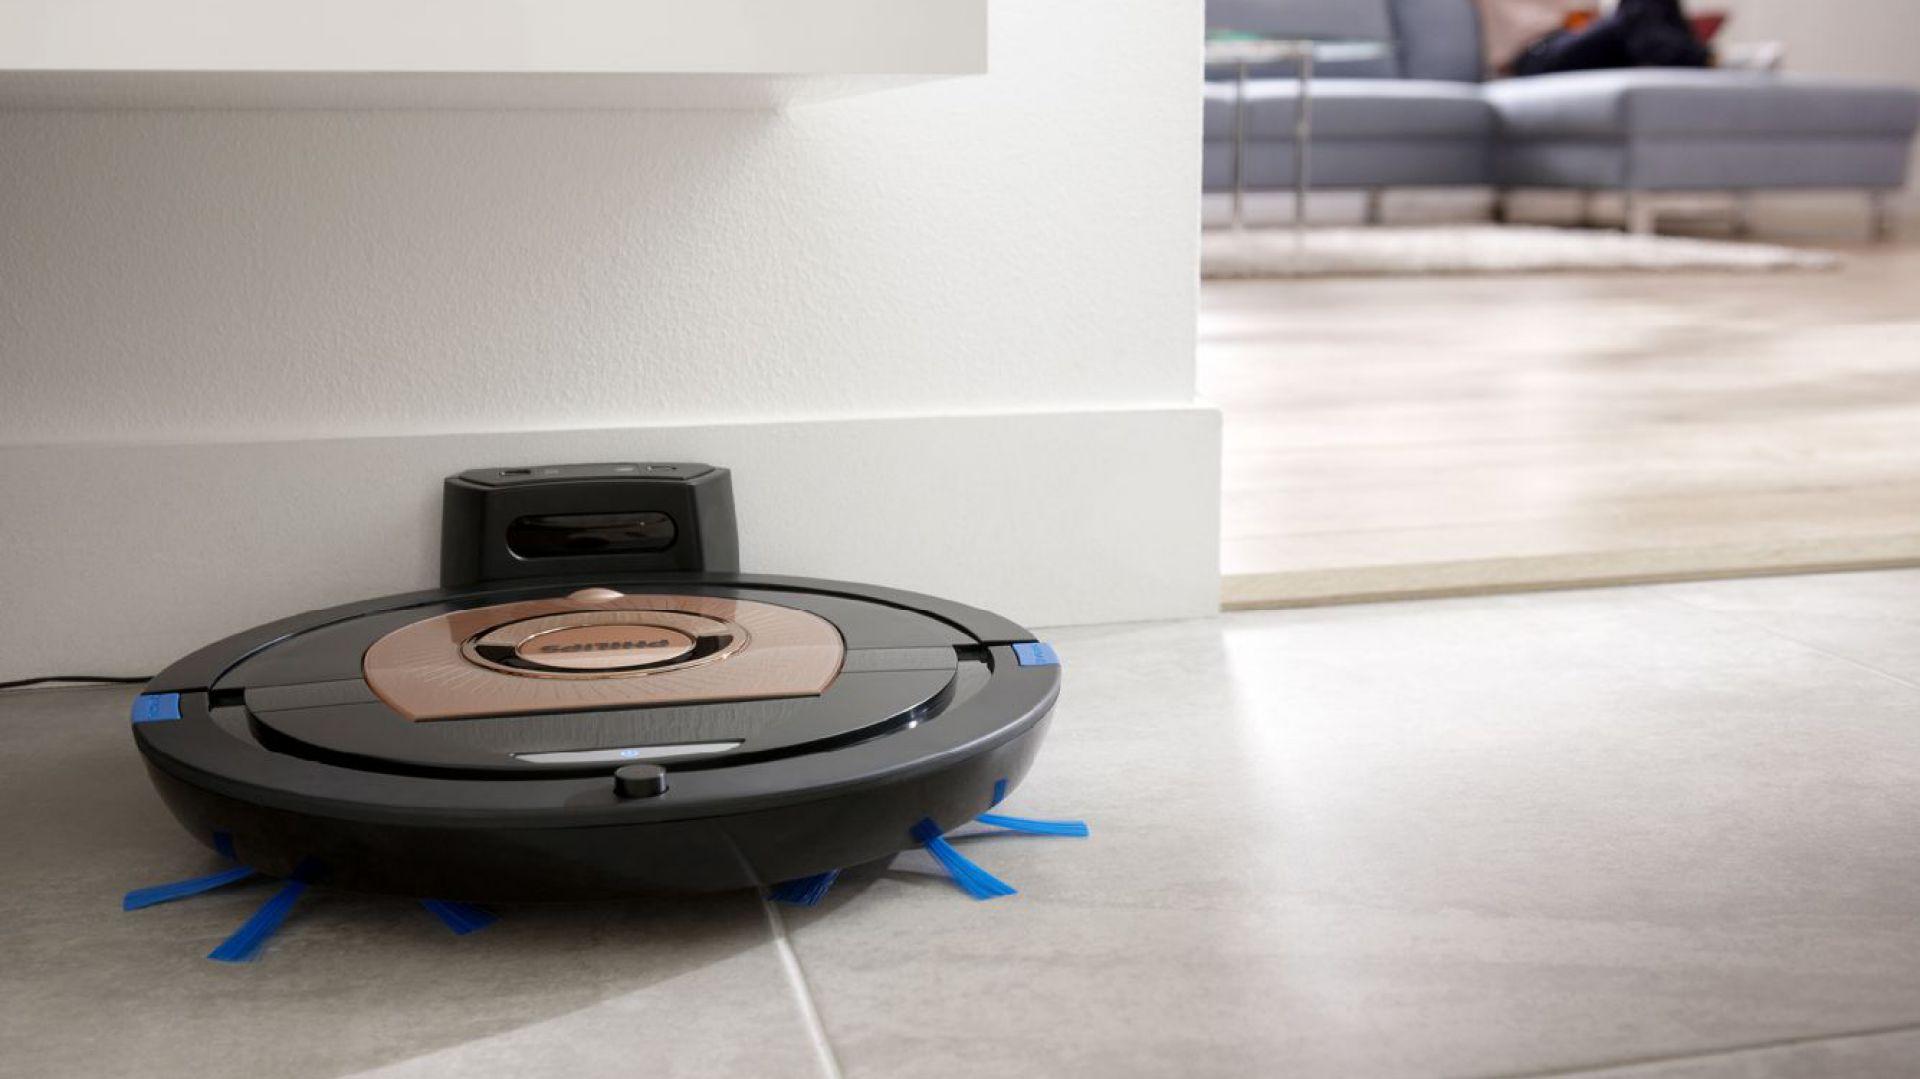 Odkurzacze automatyczne poznają otoczenie i wybierają optymalną strategię czyszczenia, która umożliwia jak najszybsze posprzątanie domu. Fot. Philips